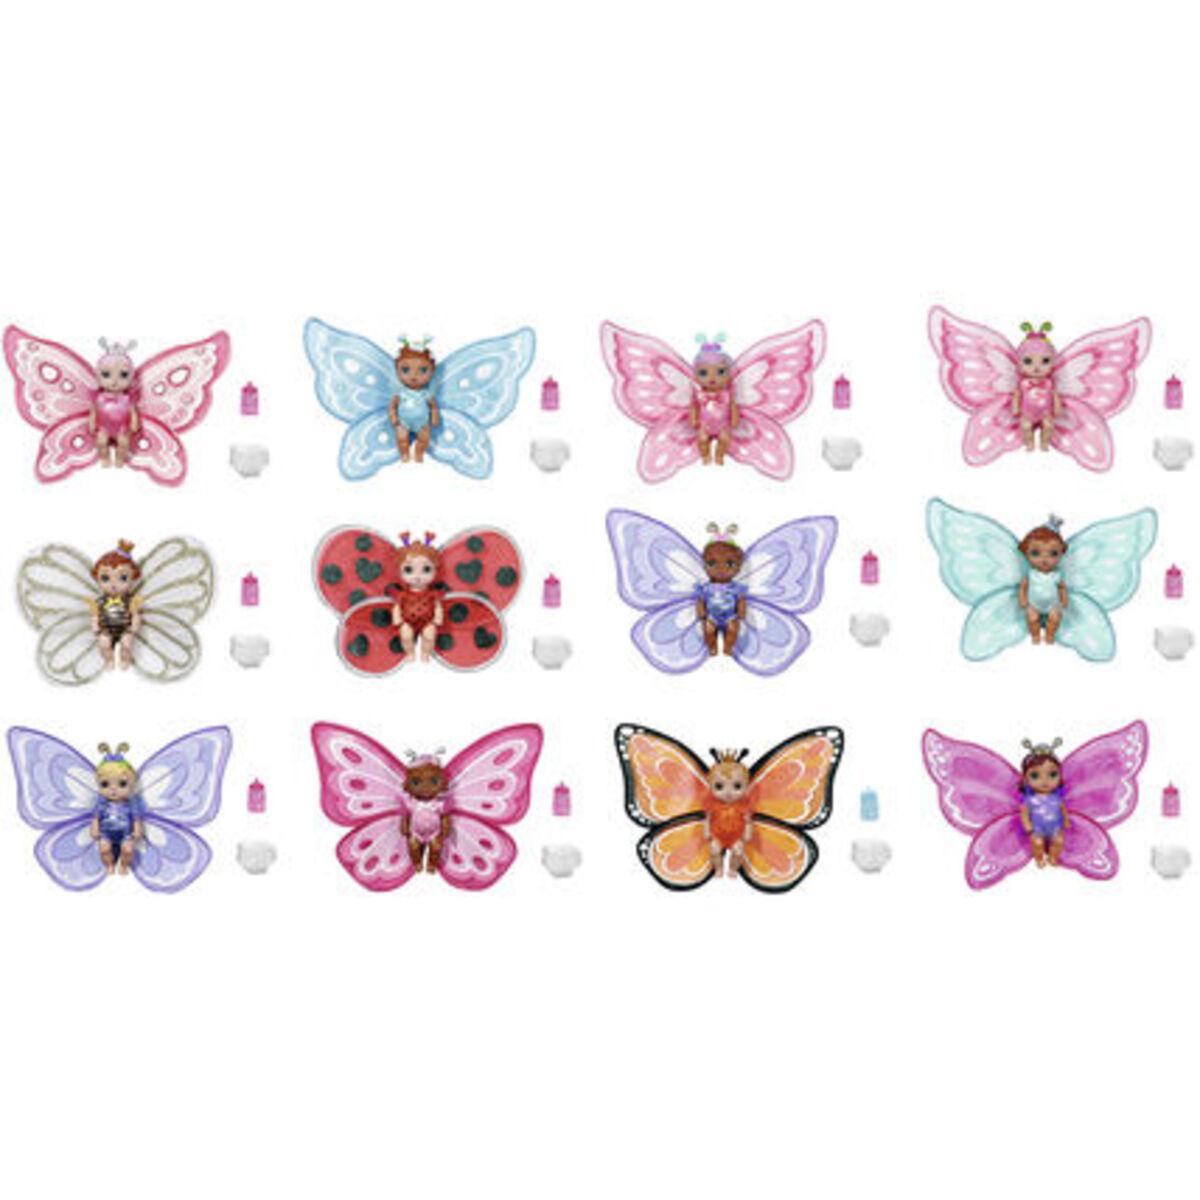 Bild 1 von Zapf Creation® BABY born® Surprise - Schmetterlings-Baby